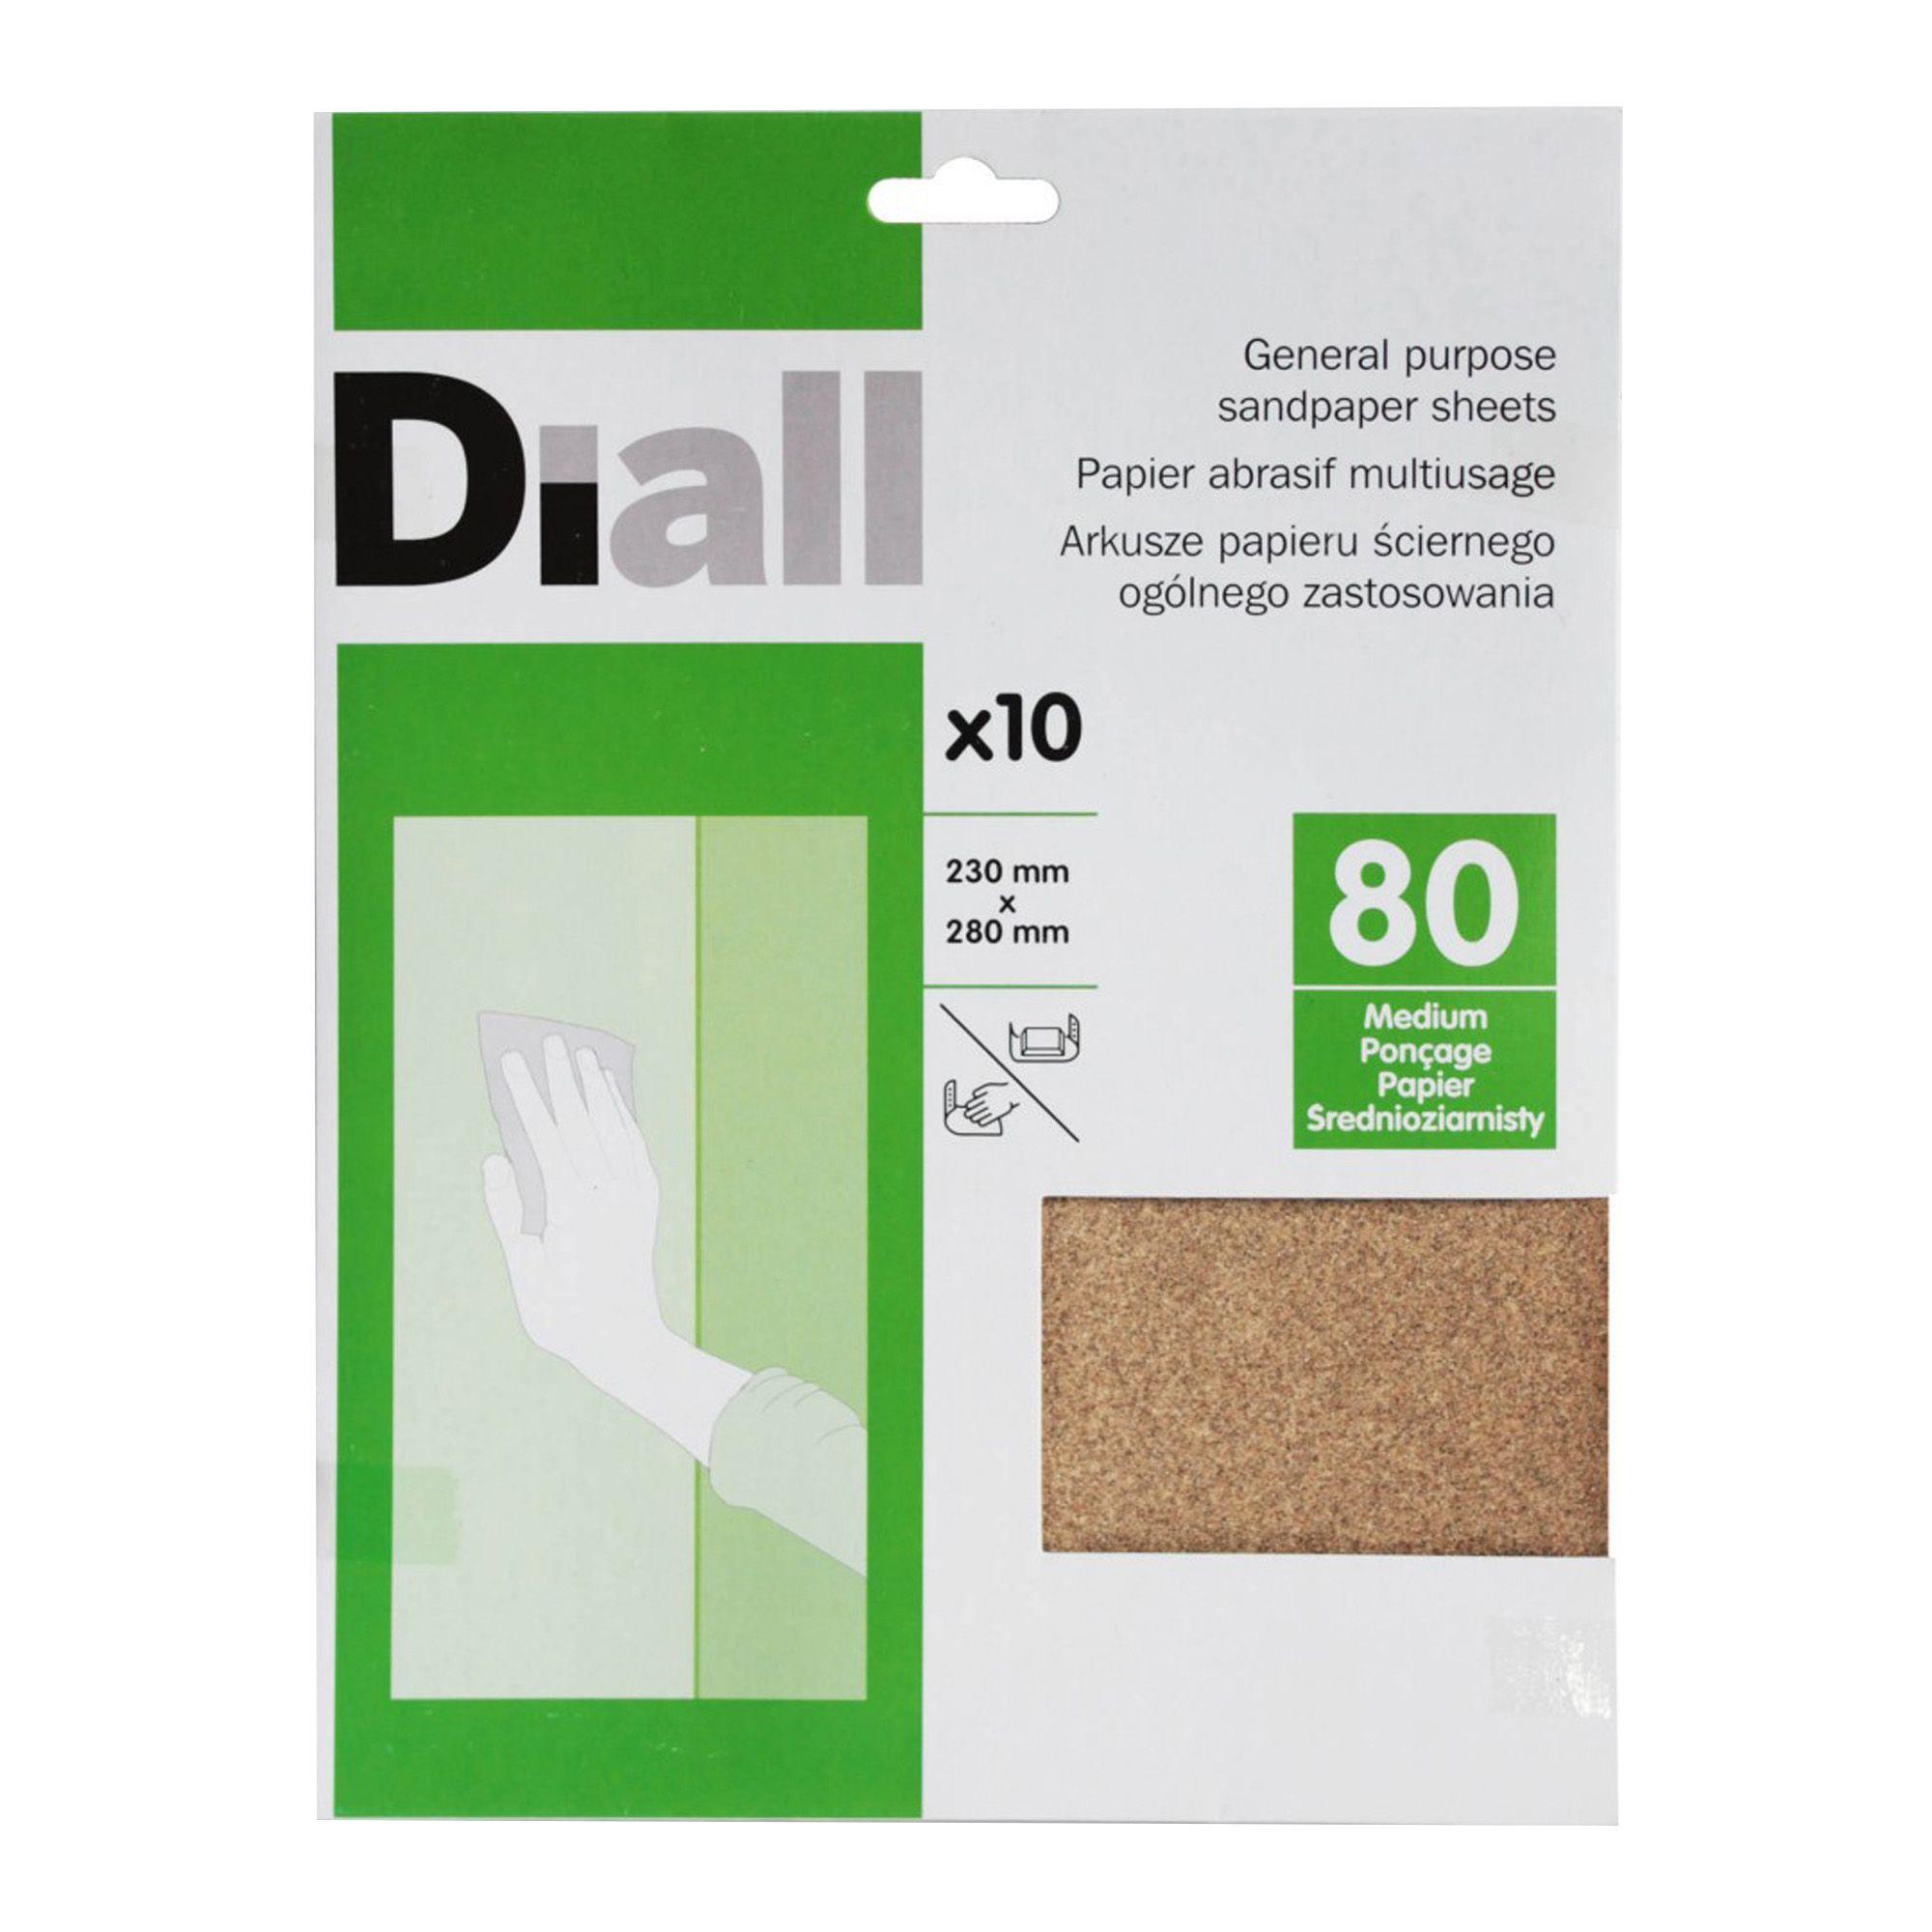 Diall 80 Medium Sandpaper Sheet, Pack Of 10